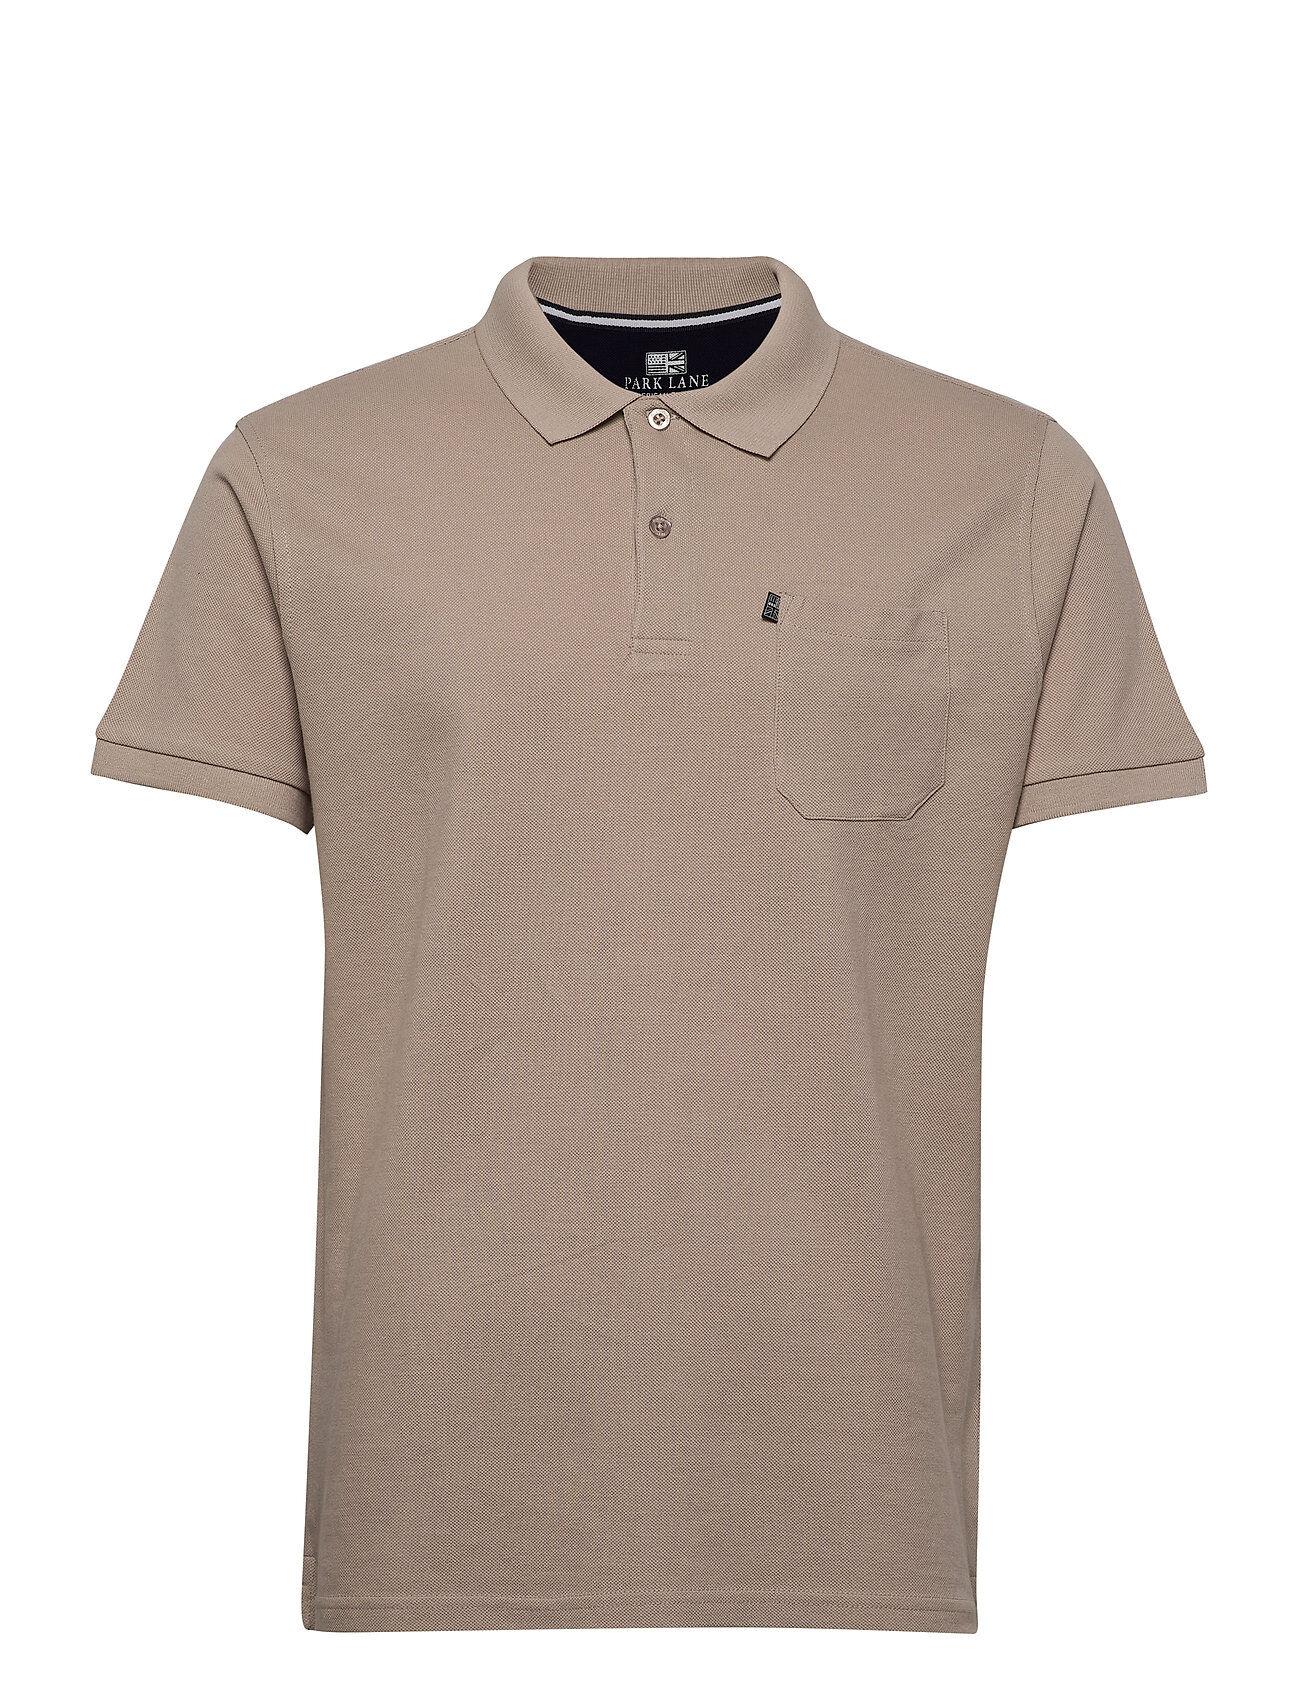 Park Lane 8902-1650 Polos Short-sleeved Beige Park Lane